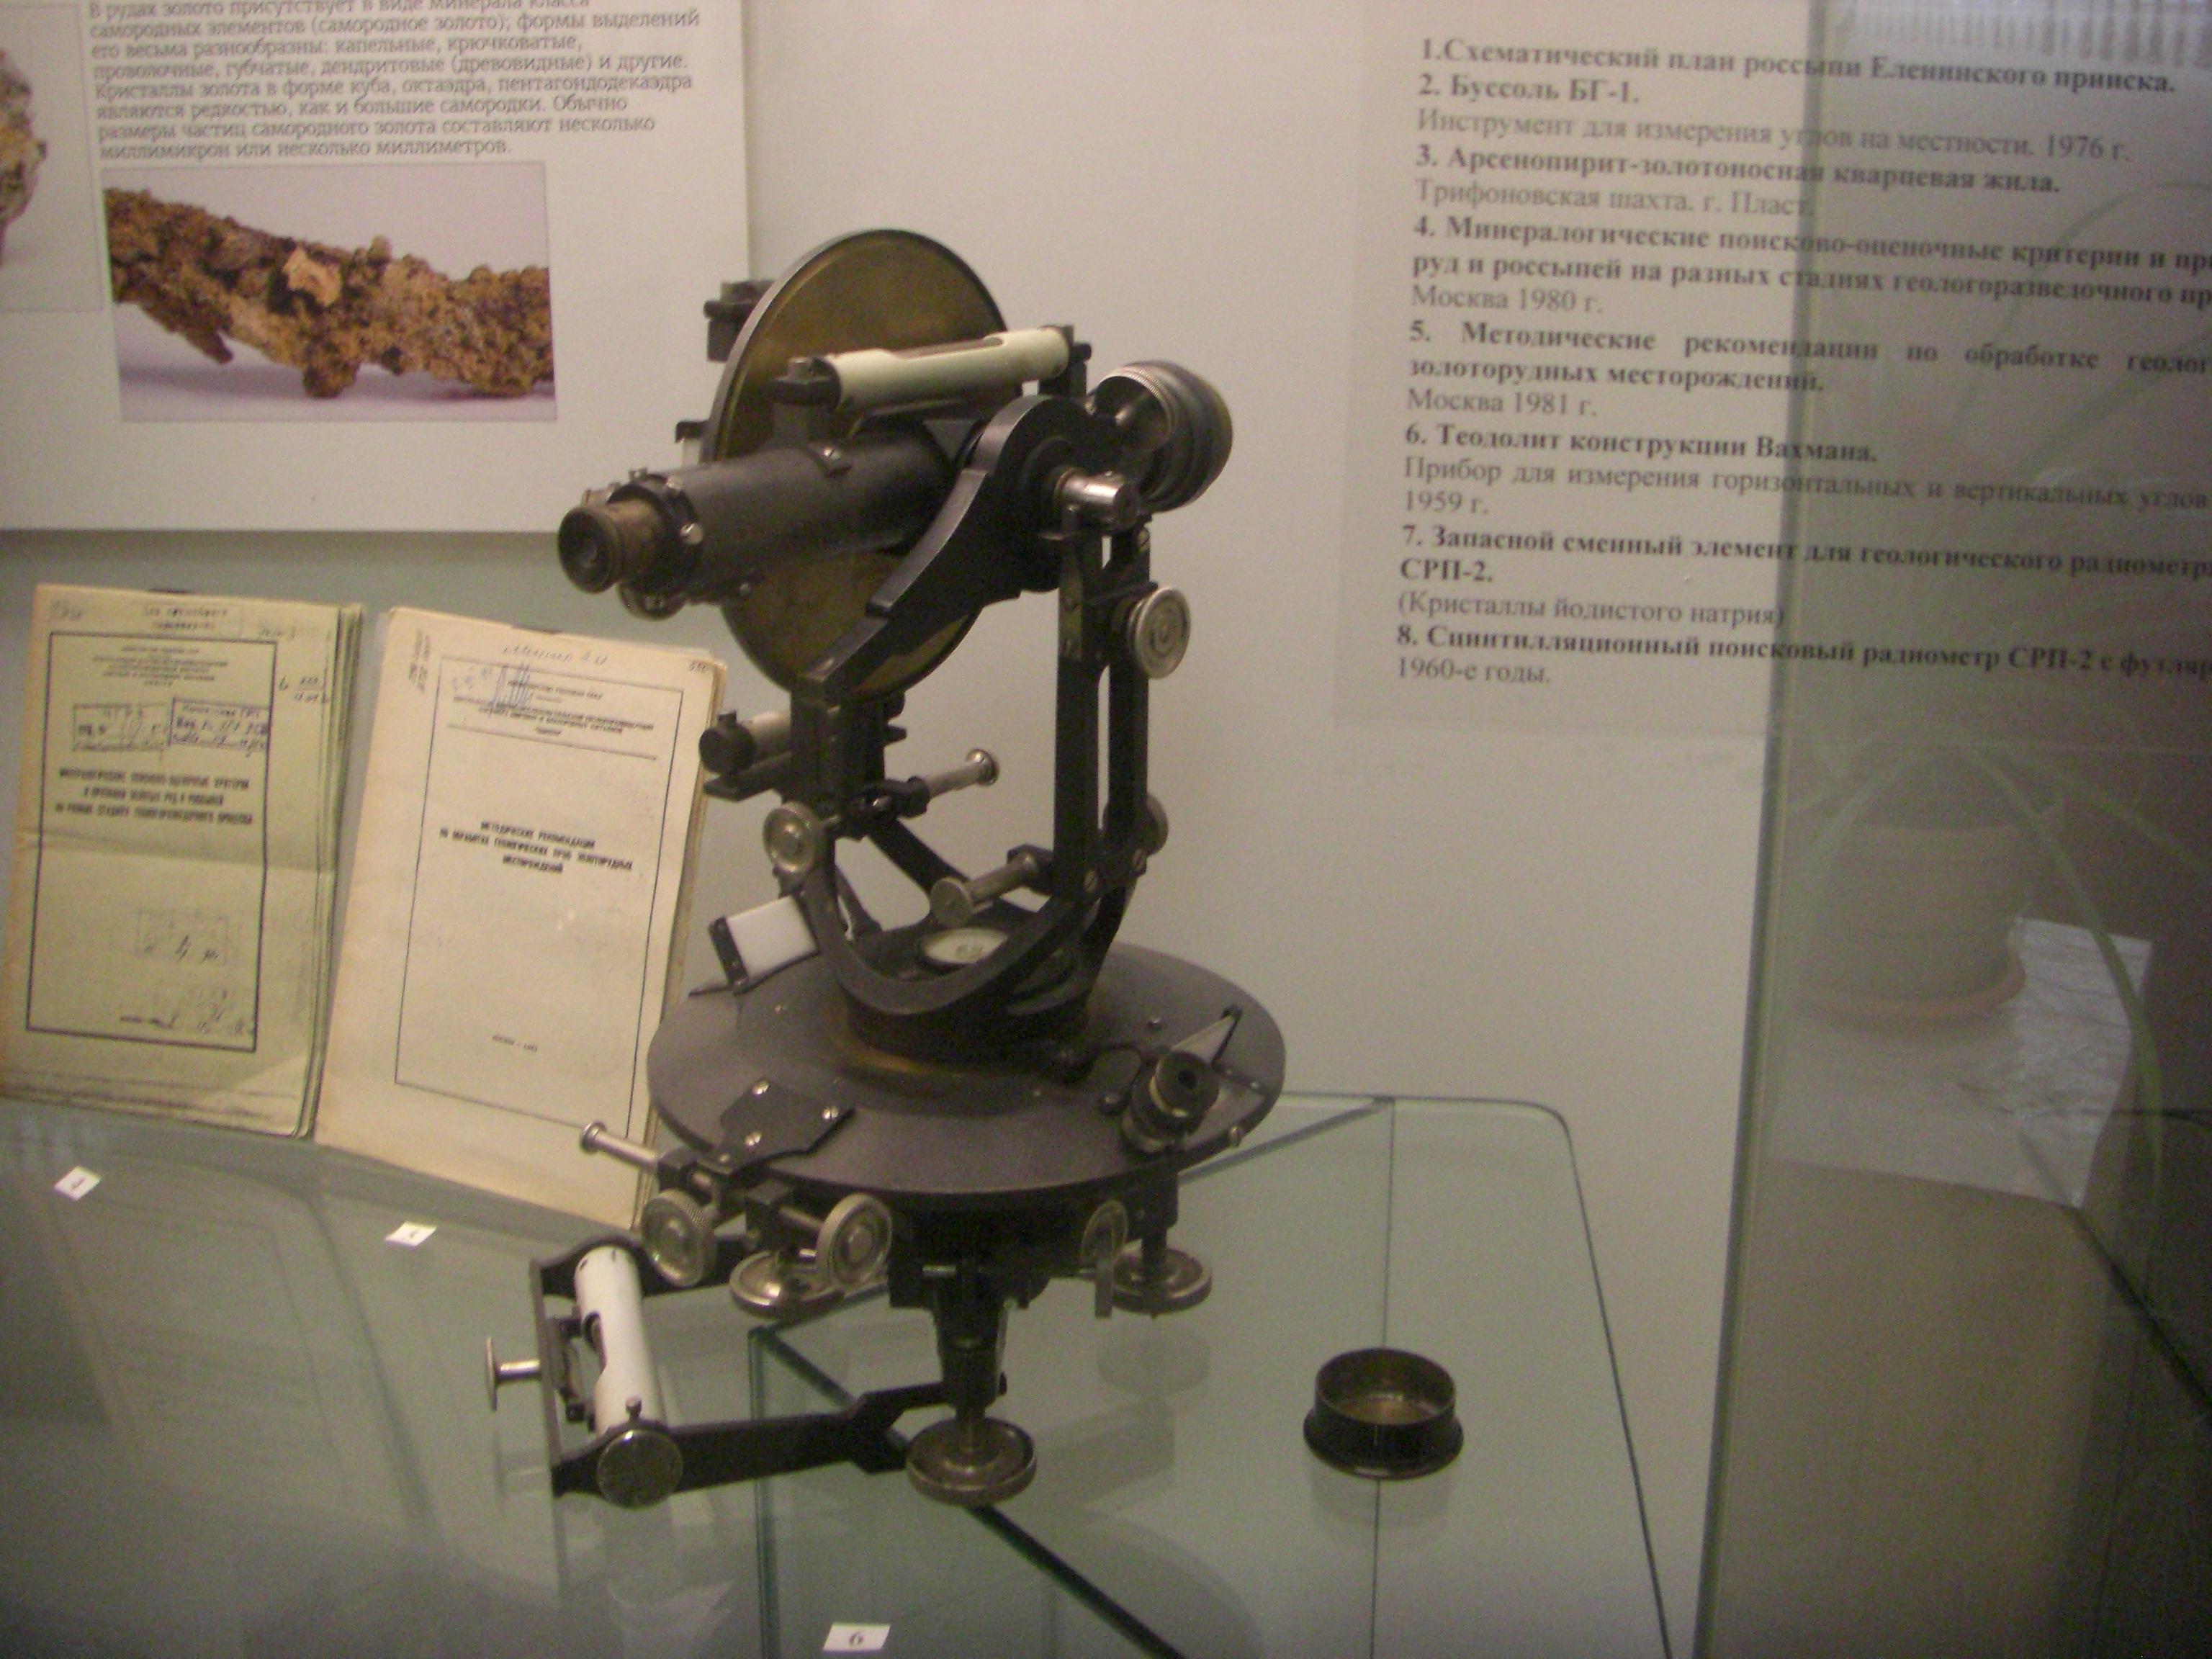 Один из любопытнейших экспонатов - теодолит конструкции Вахмана. 1959 год (12.09.2014)